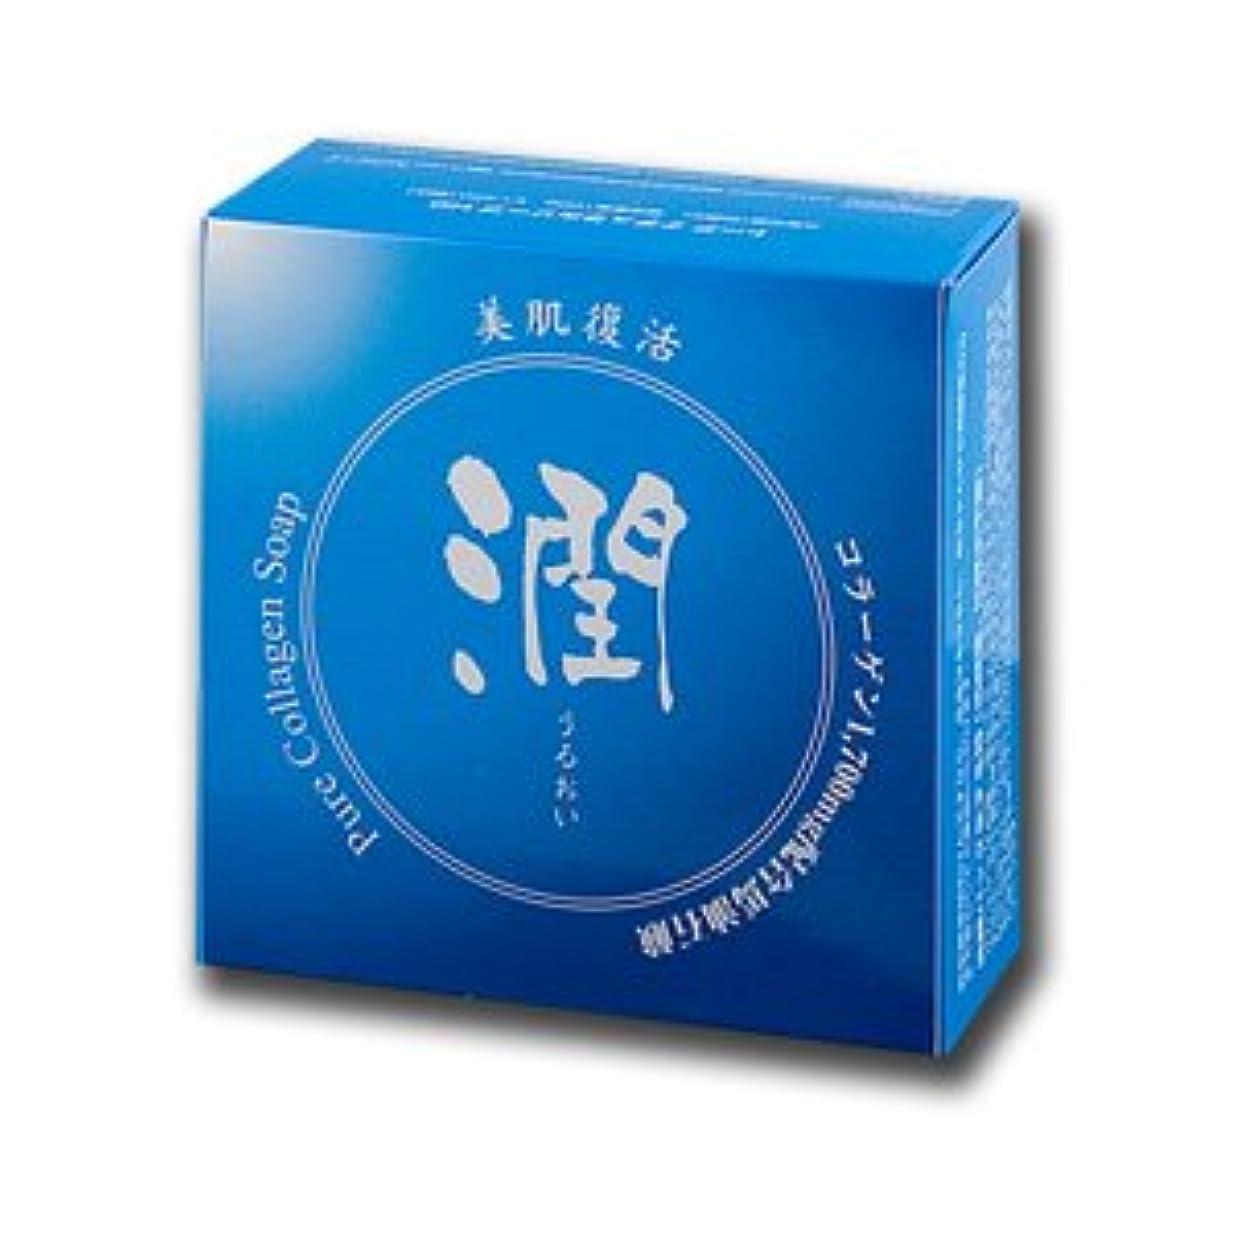 狂人経験者作成者コラーゲン馬油石鹸 潤 100g (#800410) ×6個セット